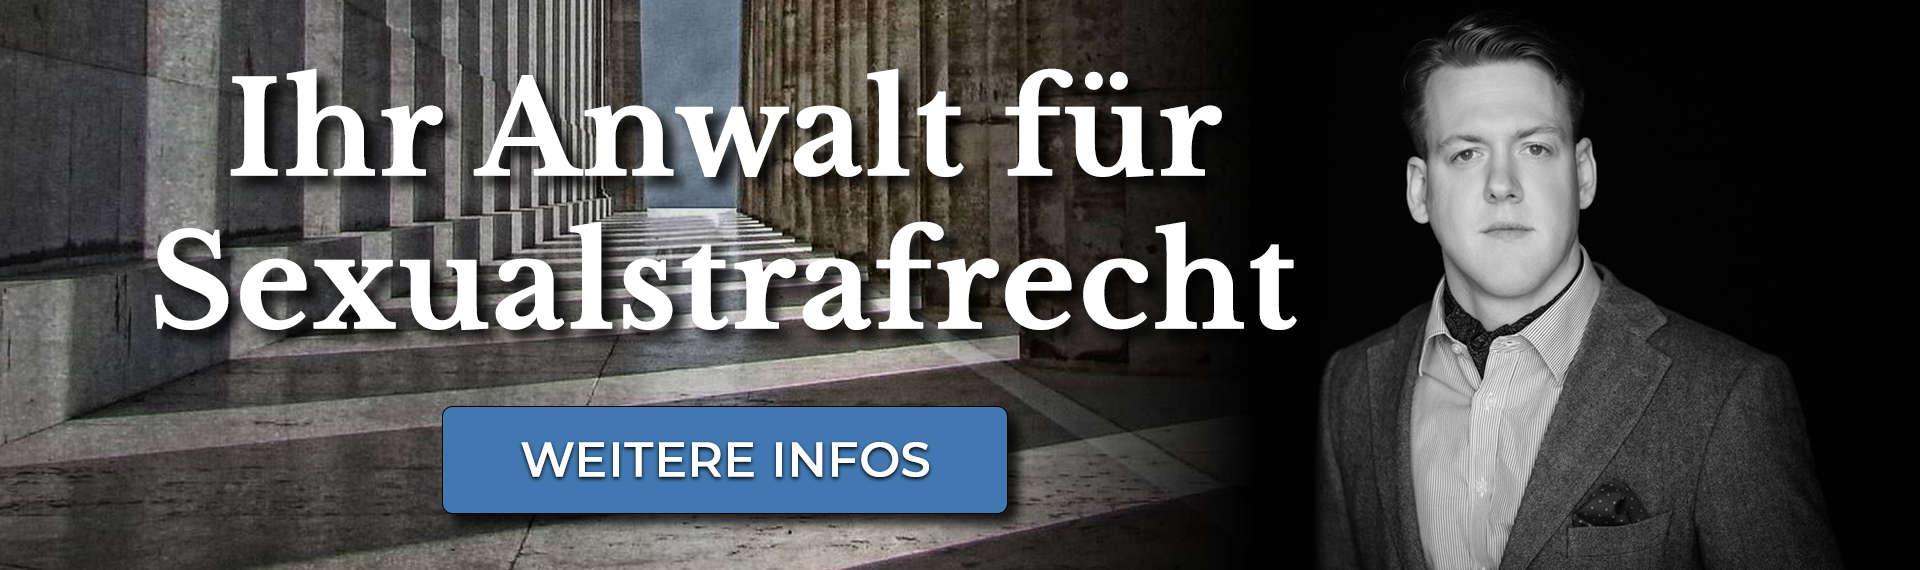 Anwalt für Sexualstrafrecht in Bonn